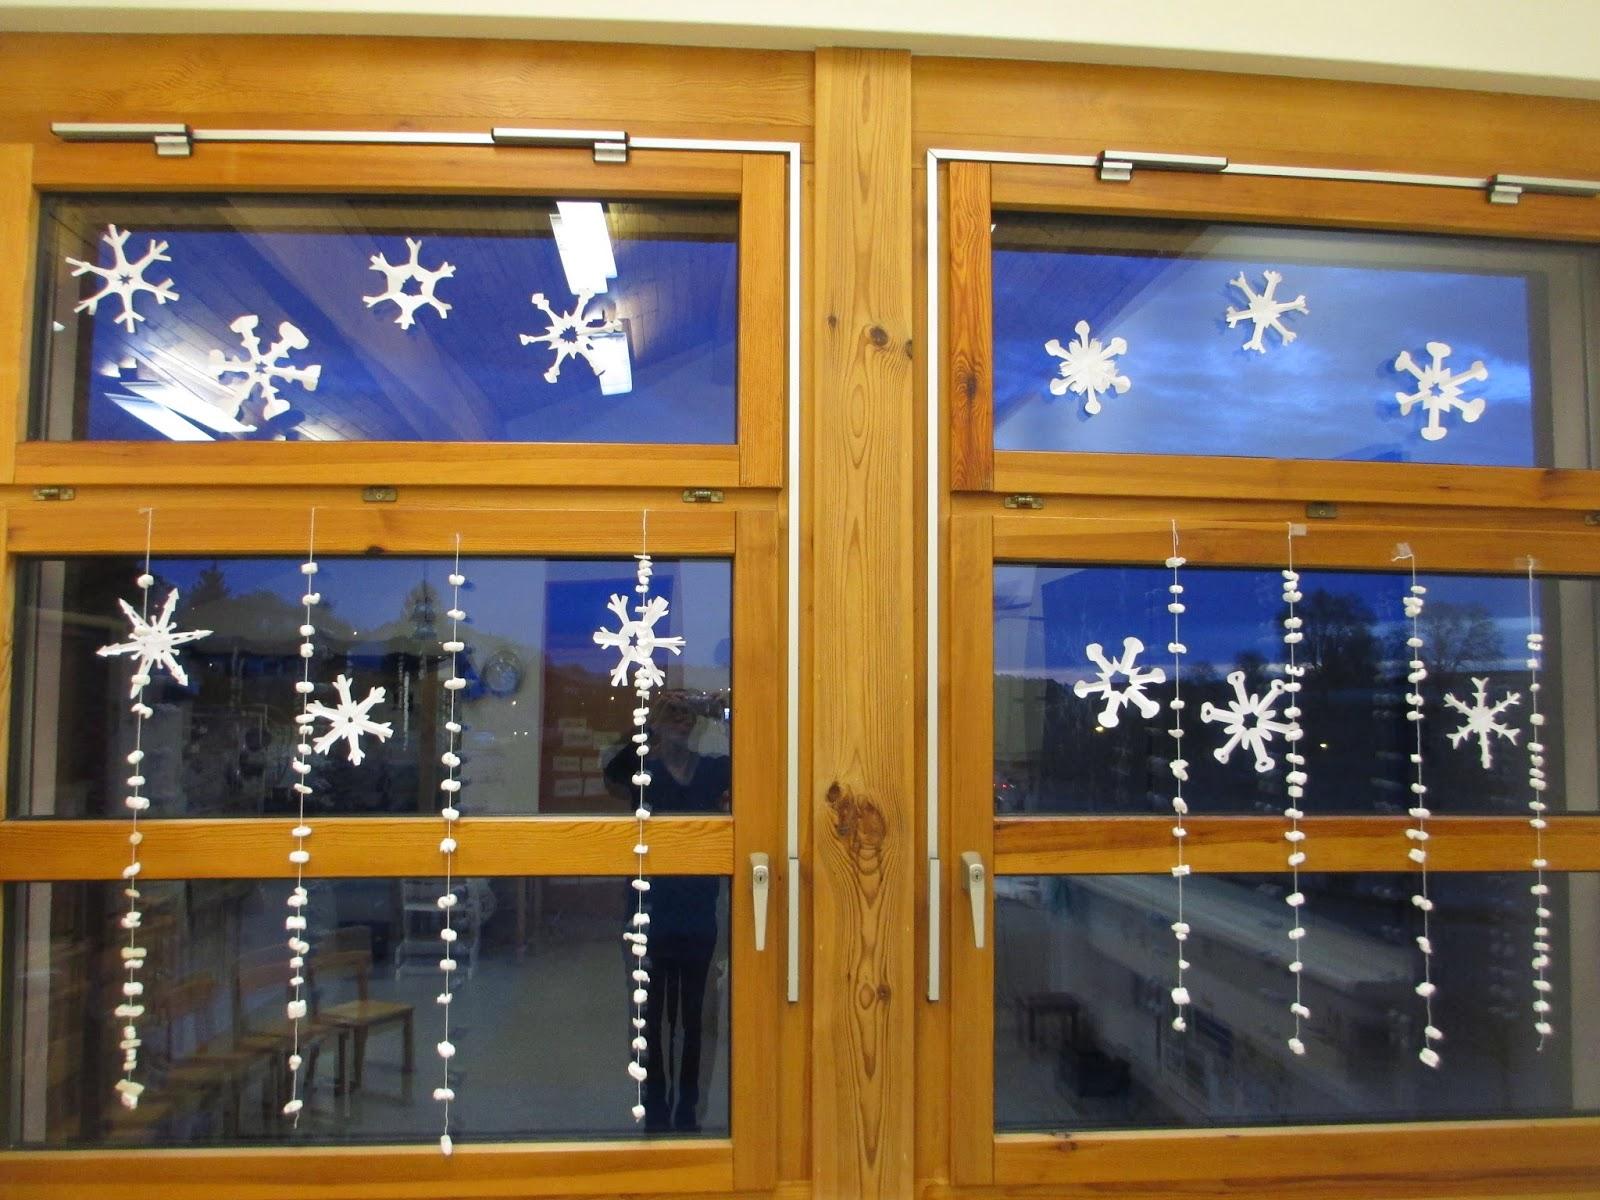 Schneeflocken und Girlanden am Fenster